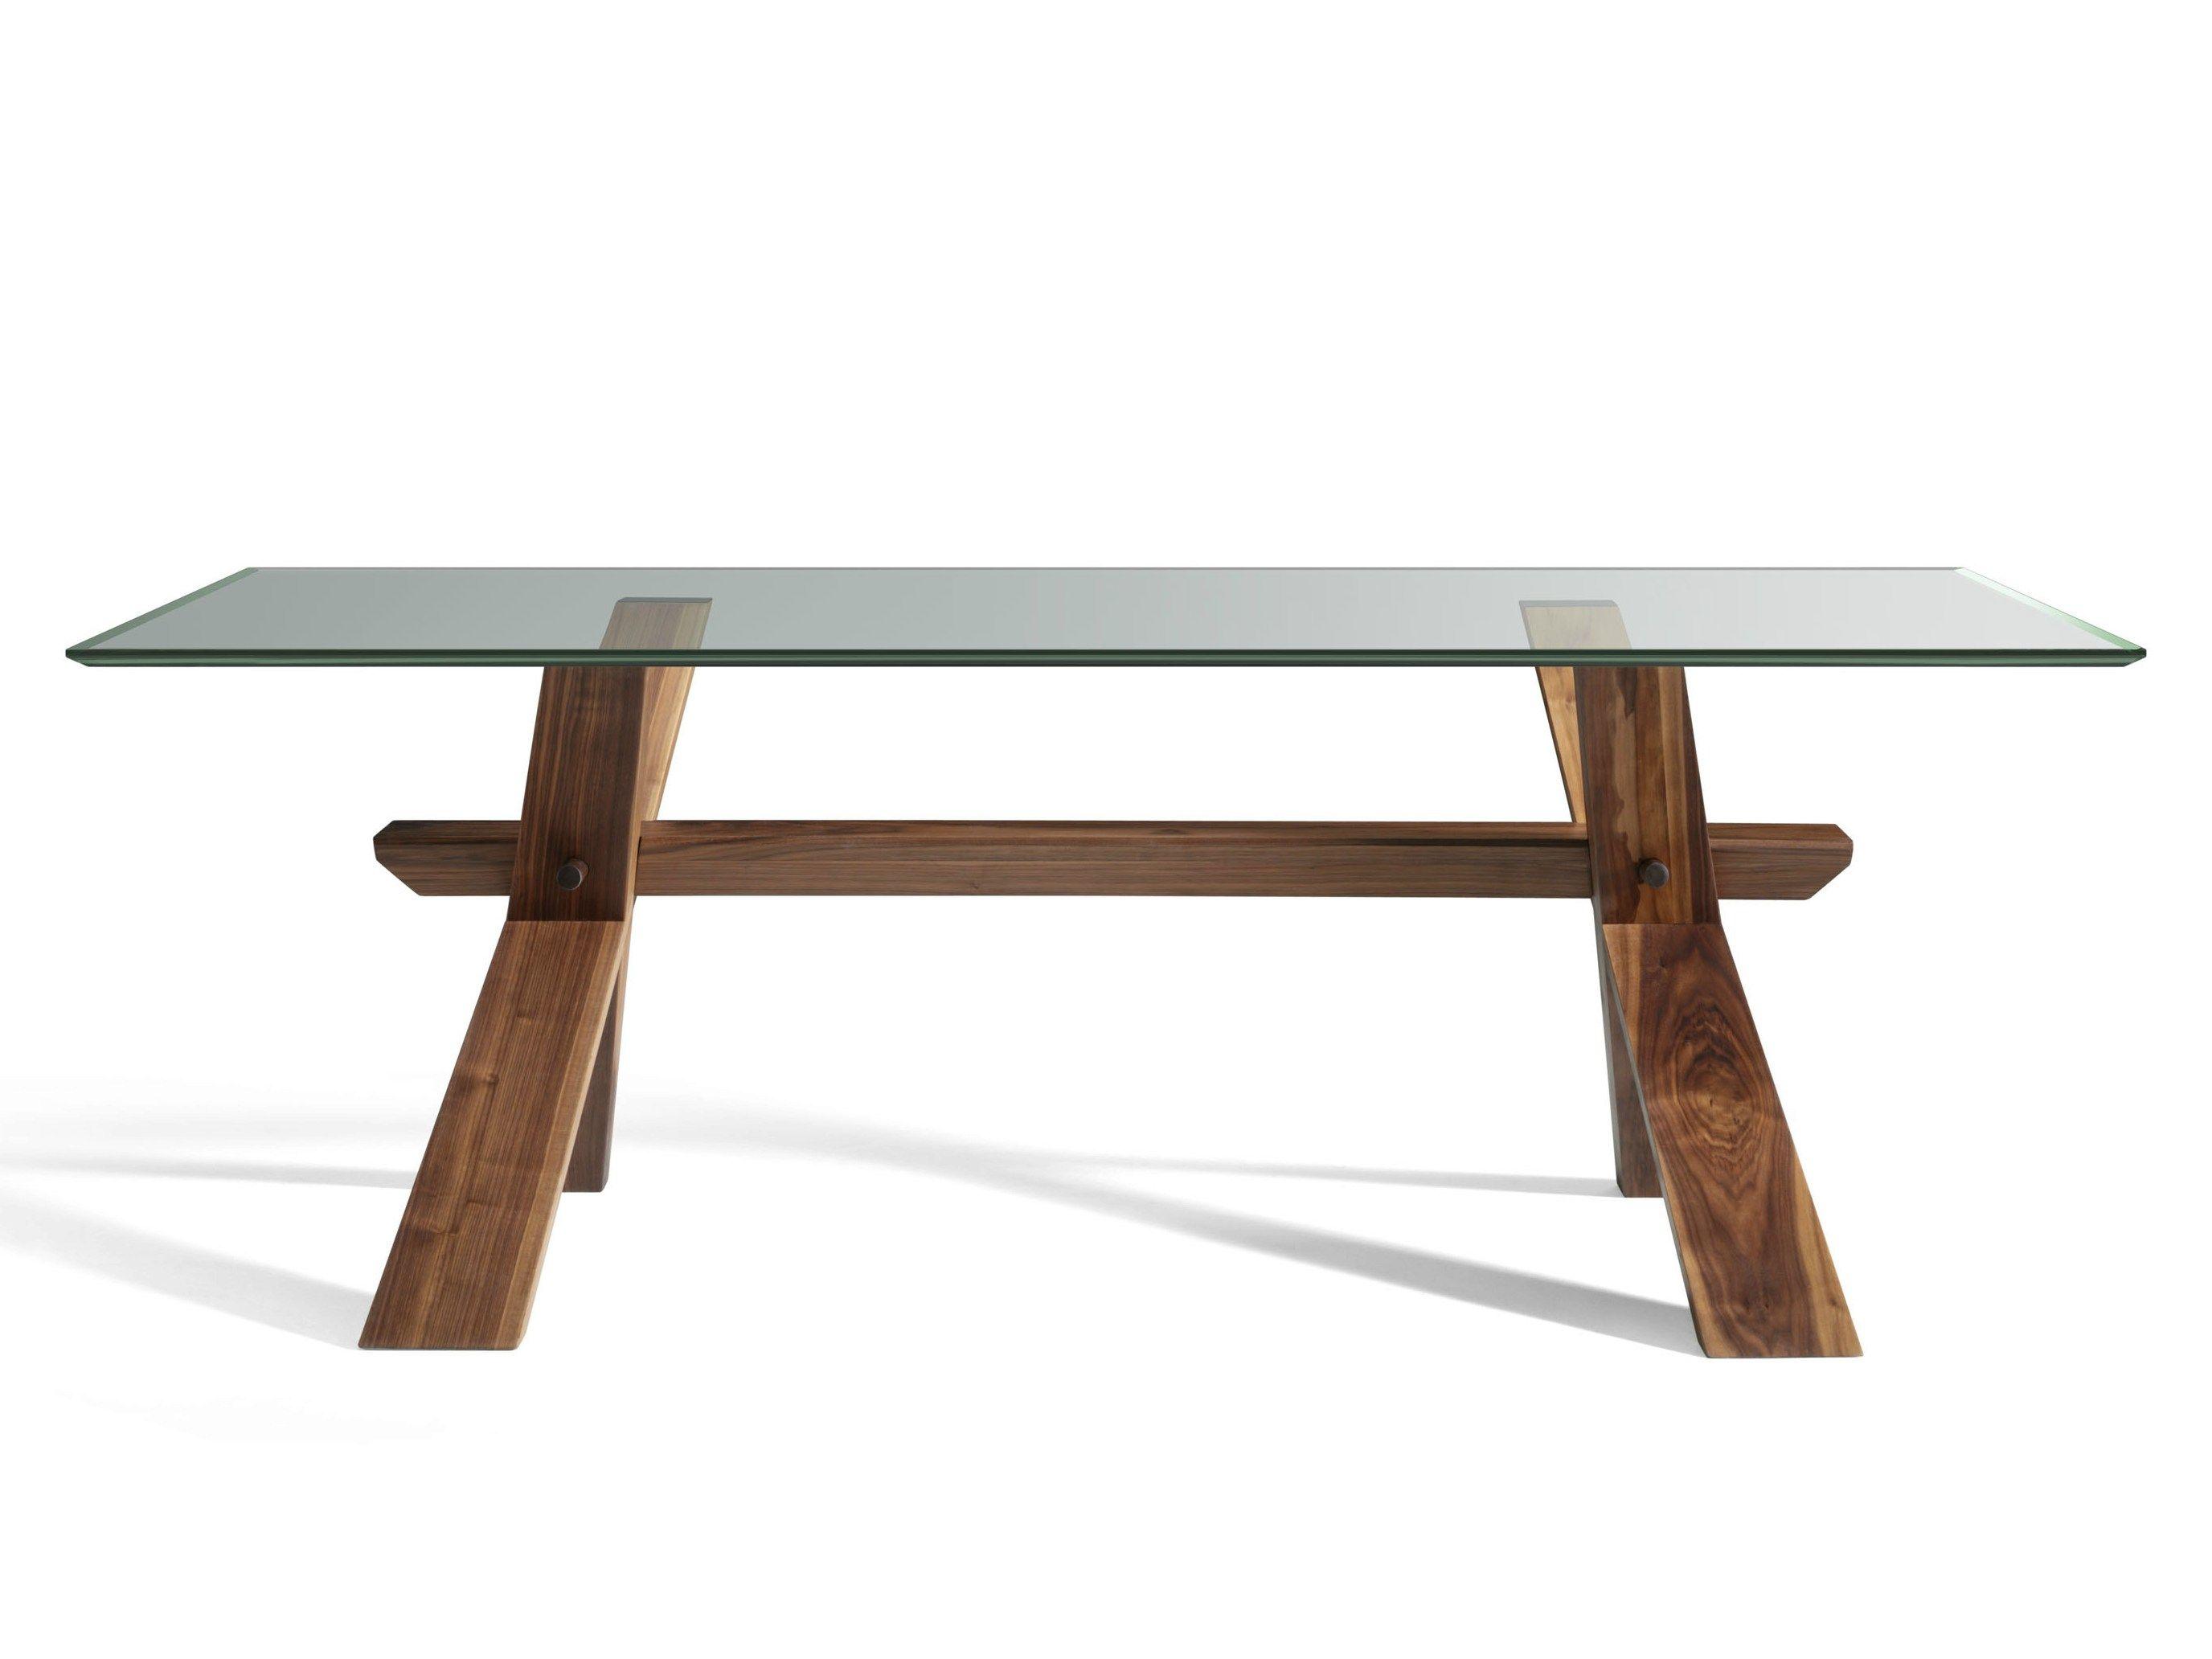 Decimo tavolo in legno e vetro by l 39 ottocento for Tavolo vetro e legno